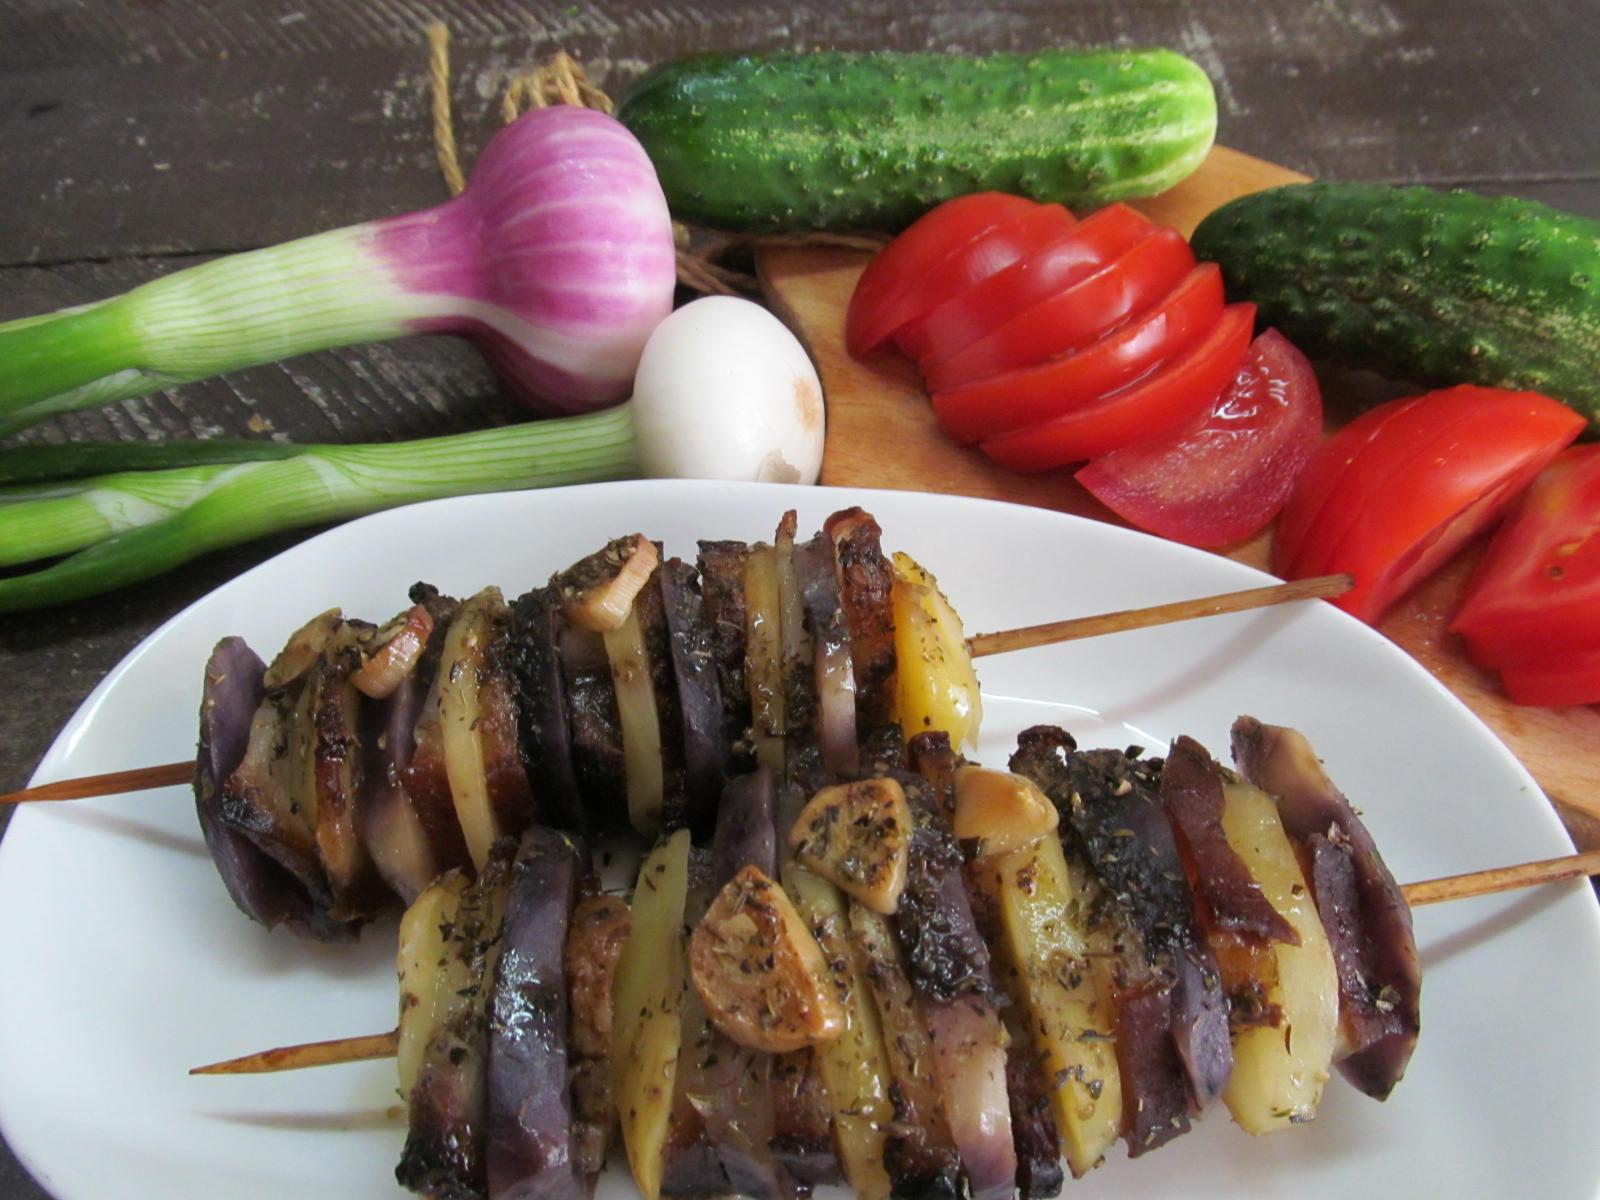 Шашлык из картошки с капченым салом в духовке рецепт с фото